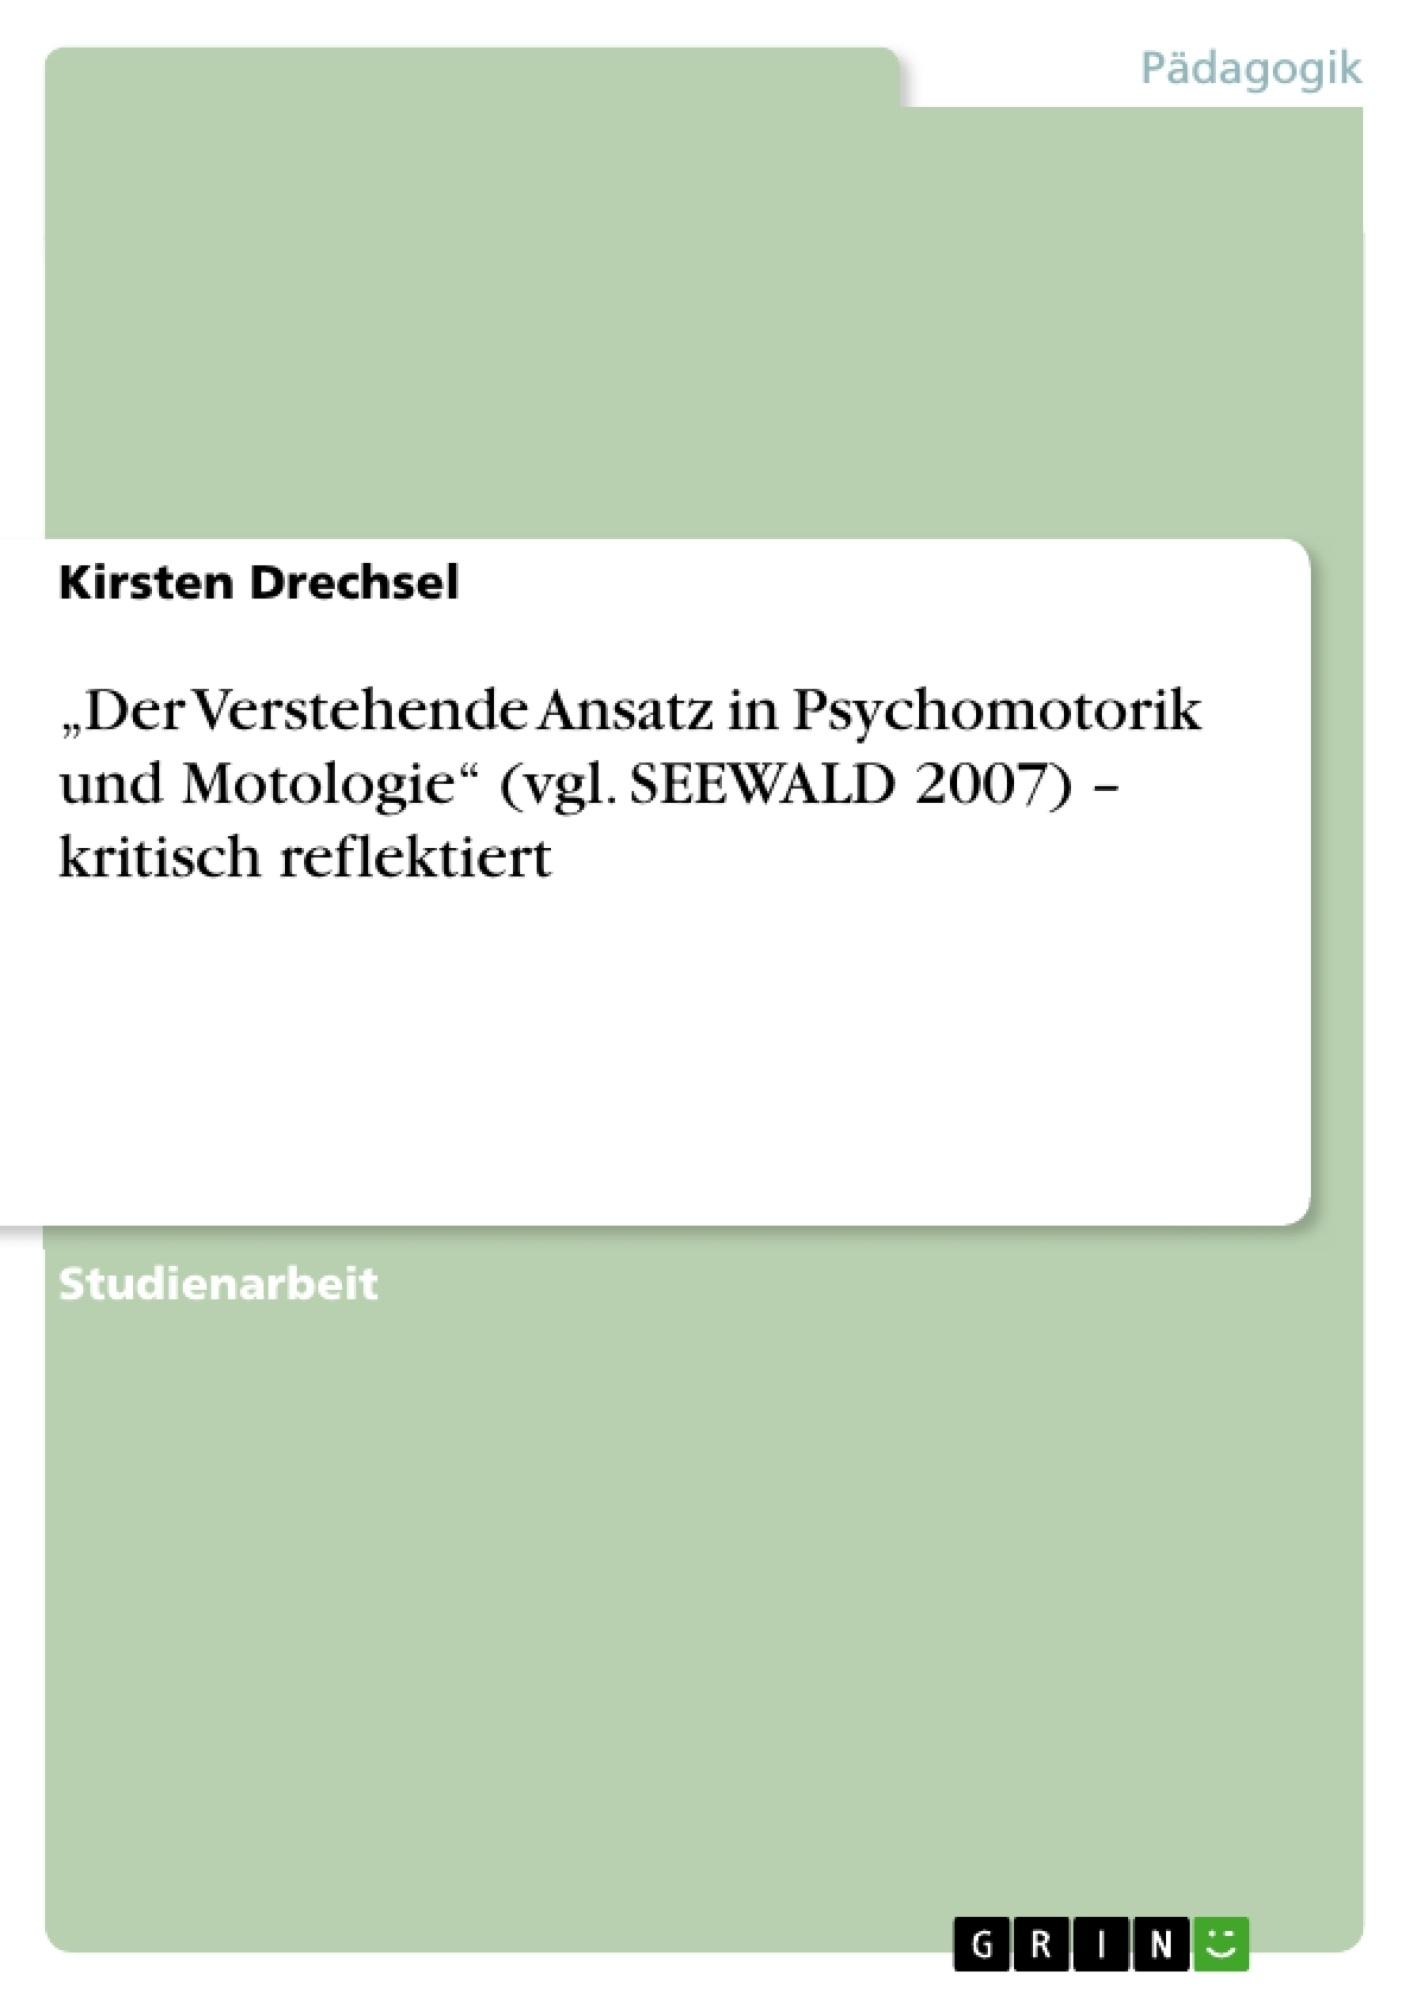 """Titel: """"Der Verstehende Ansatz in Psychomotorik und Motologie"""" (vgl. SEEWALD 2007)  – kritisch reflektiert"""